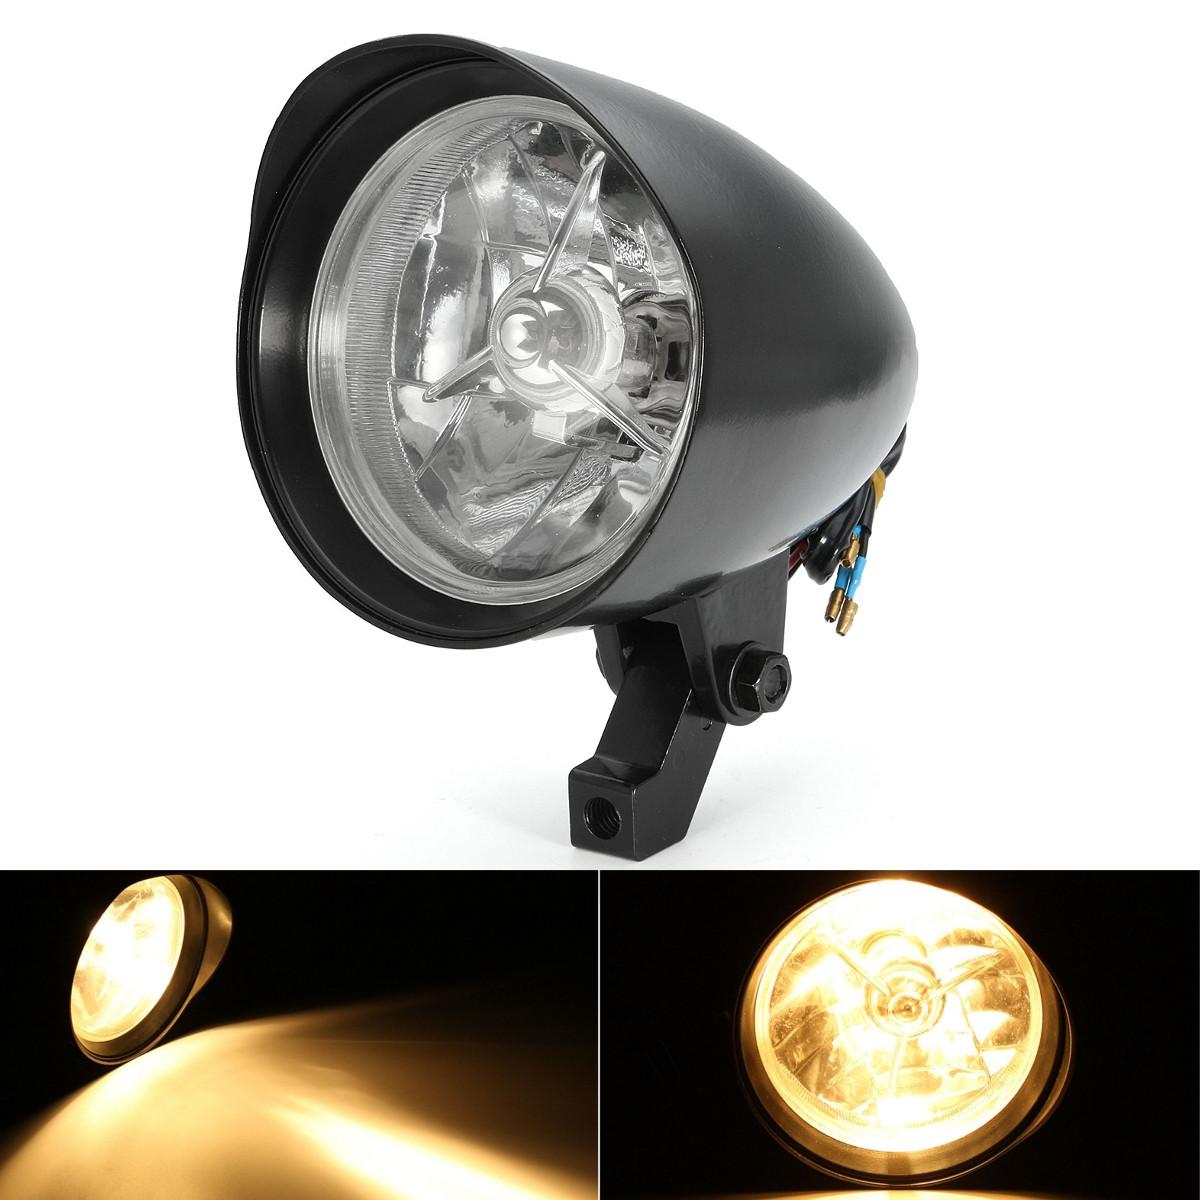 Пуля Tri Bar 4.7inch Headlight для Harley Sportster Dyna Softail Chopper FXST - ➊TopShop ➠ Товары из Китая с бесплатной доставкой в Украину! в Днепре